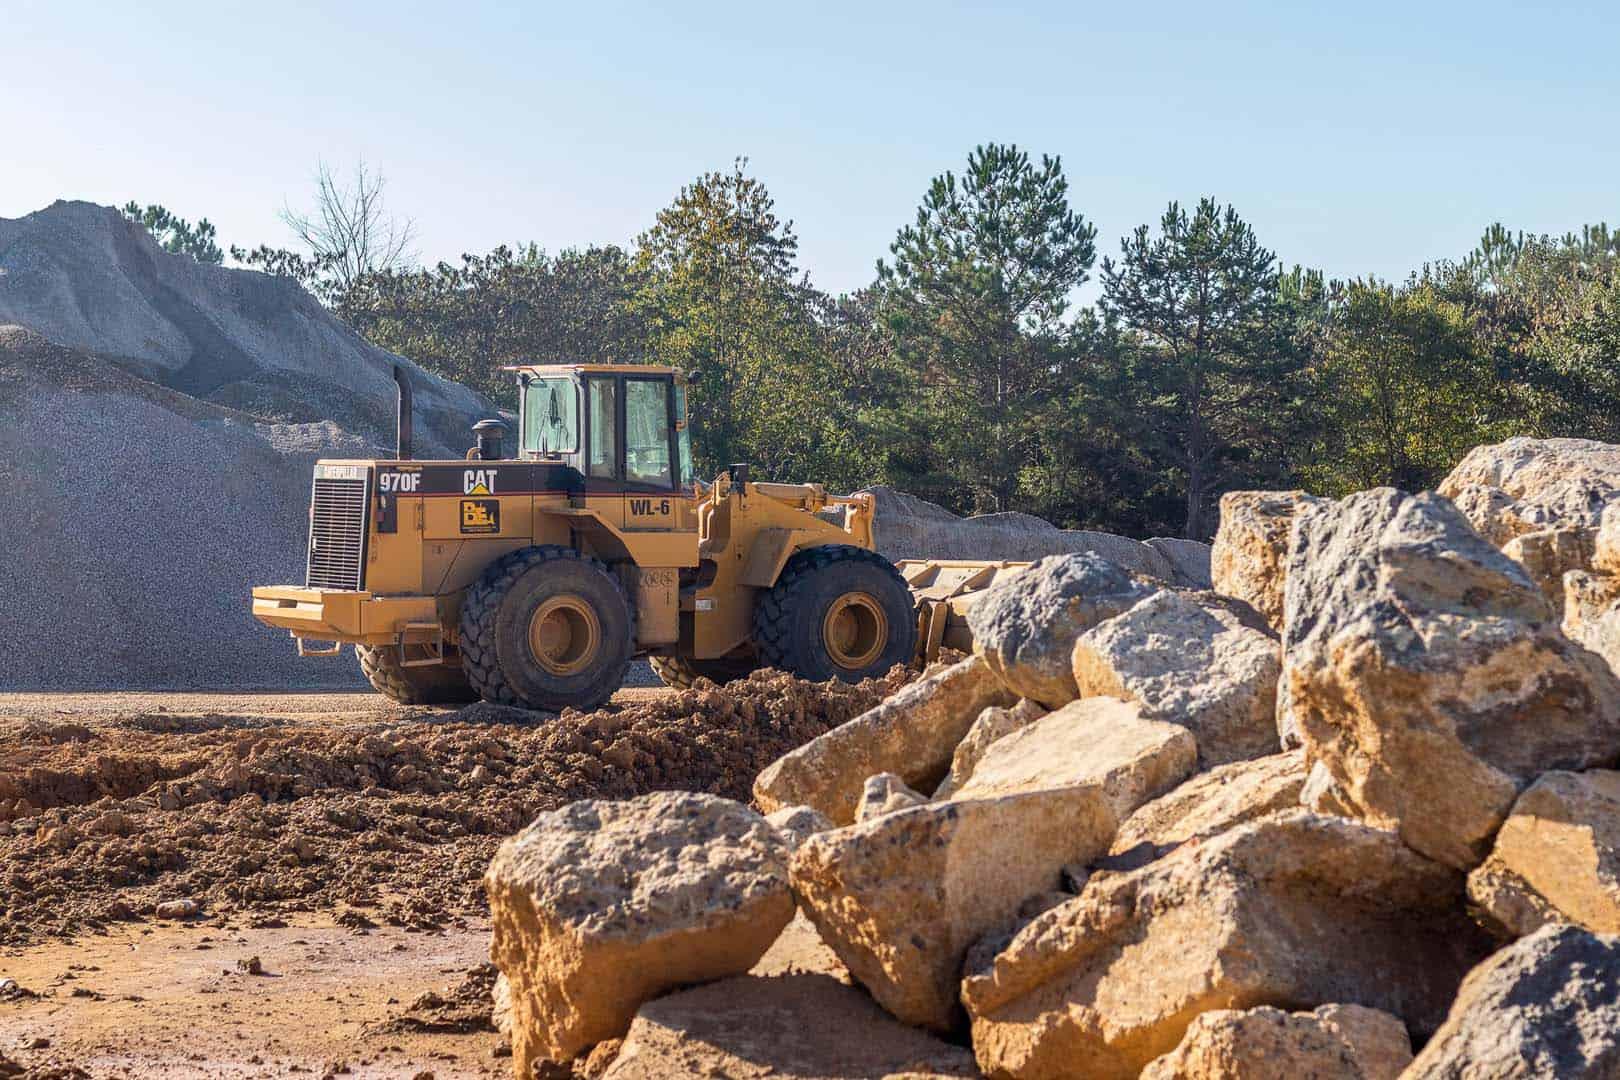 Bulldozer moving rocks